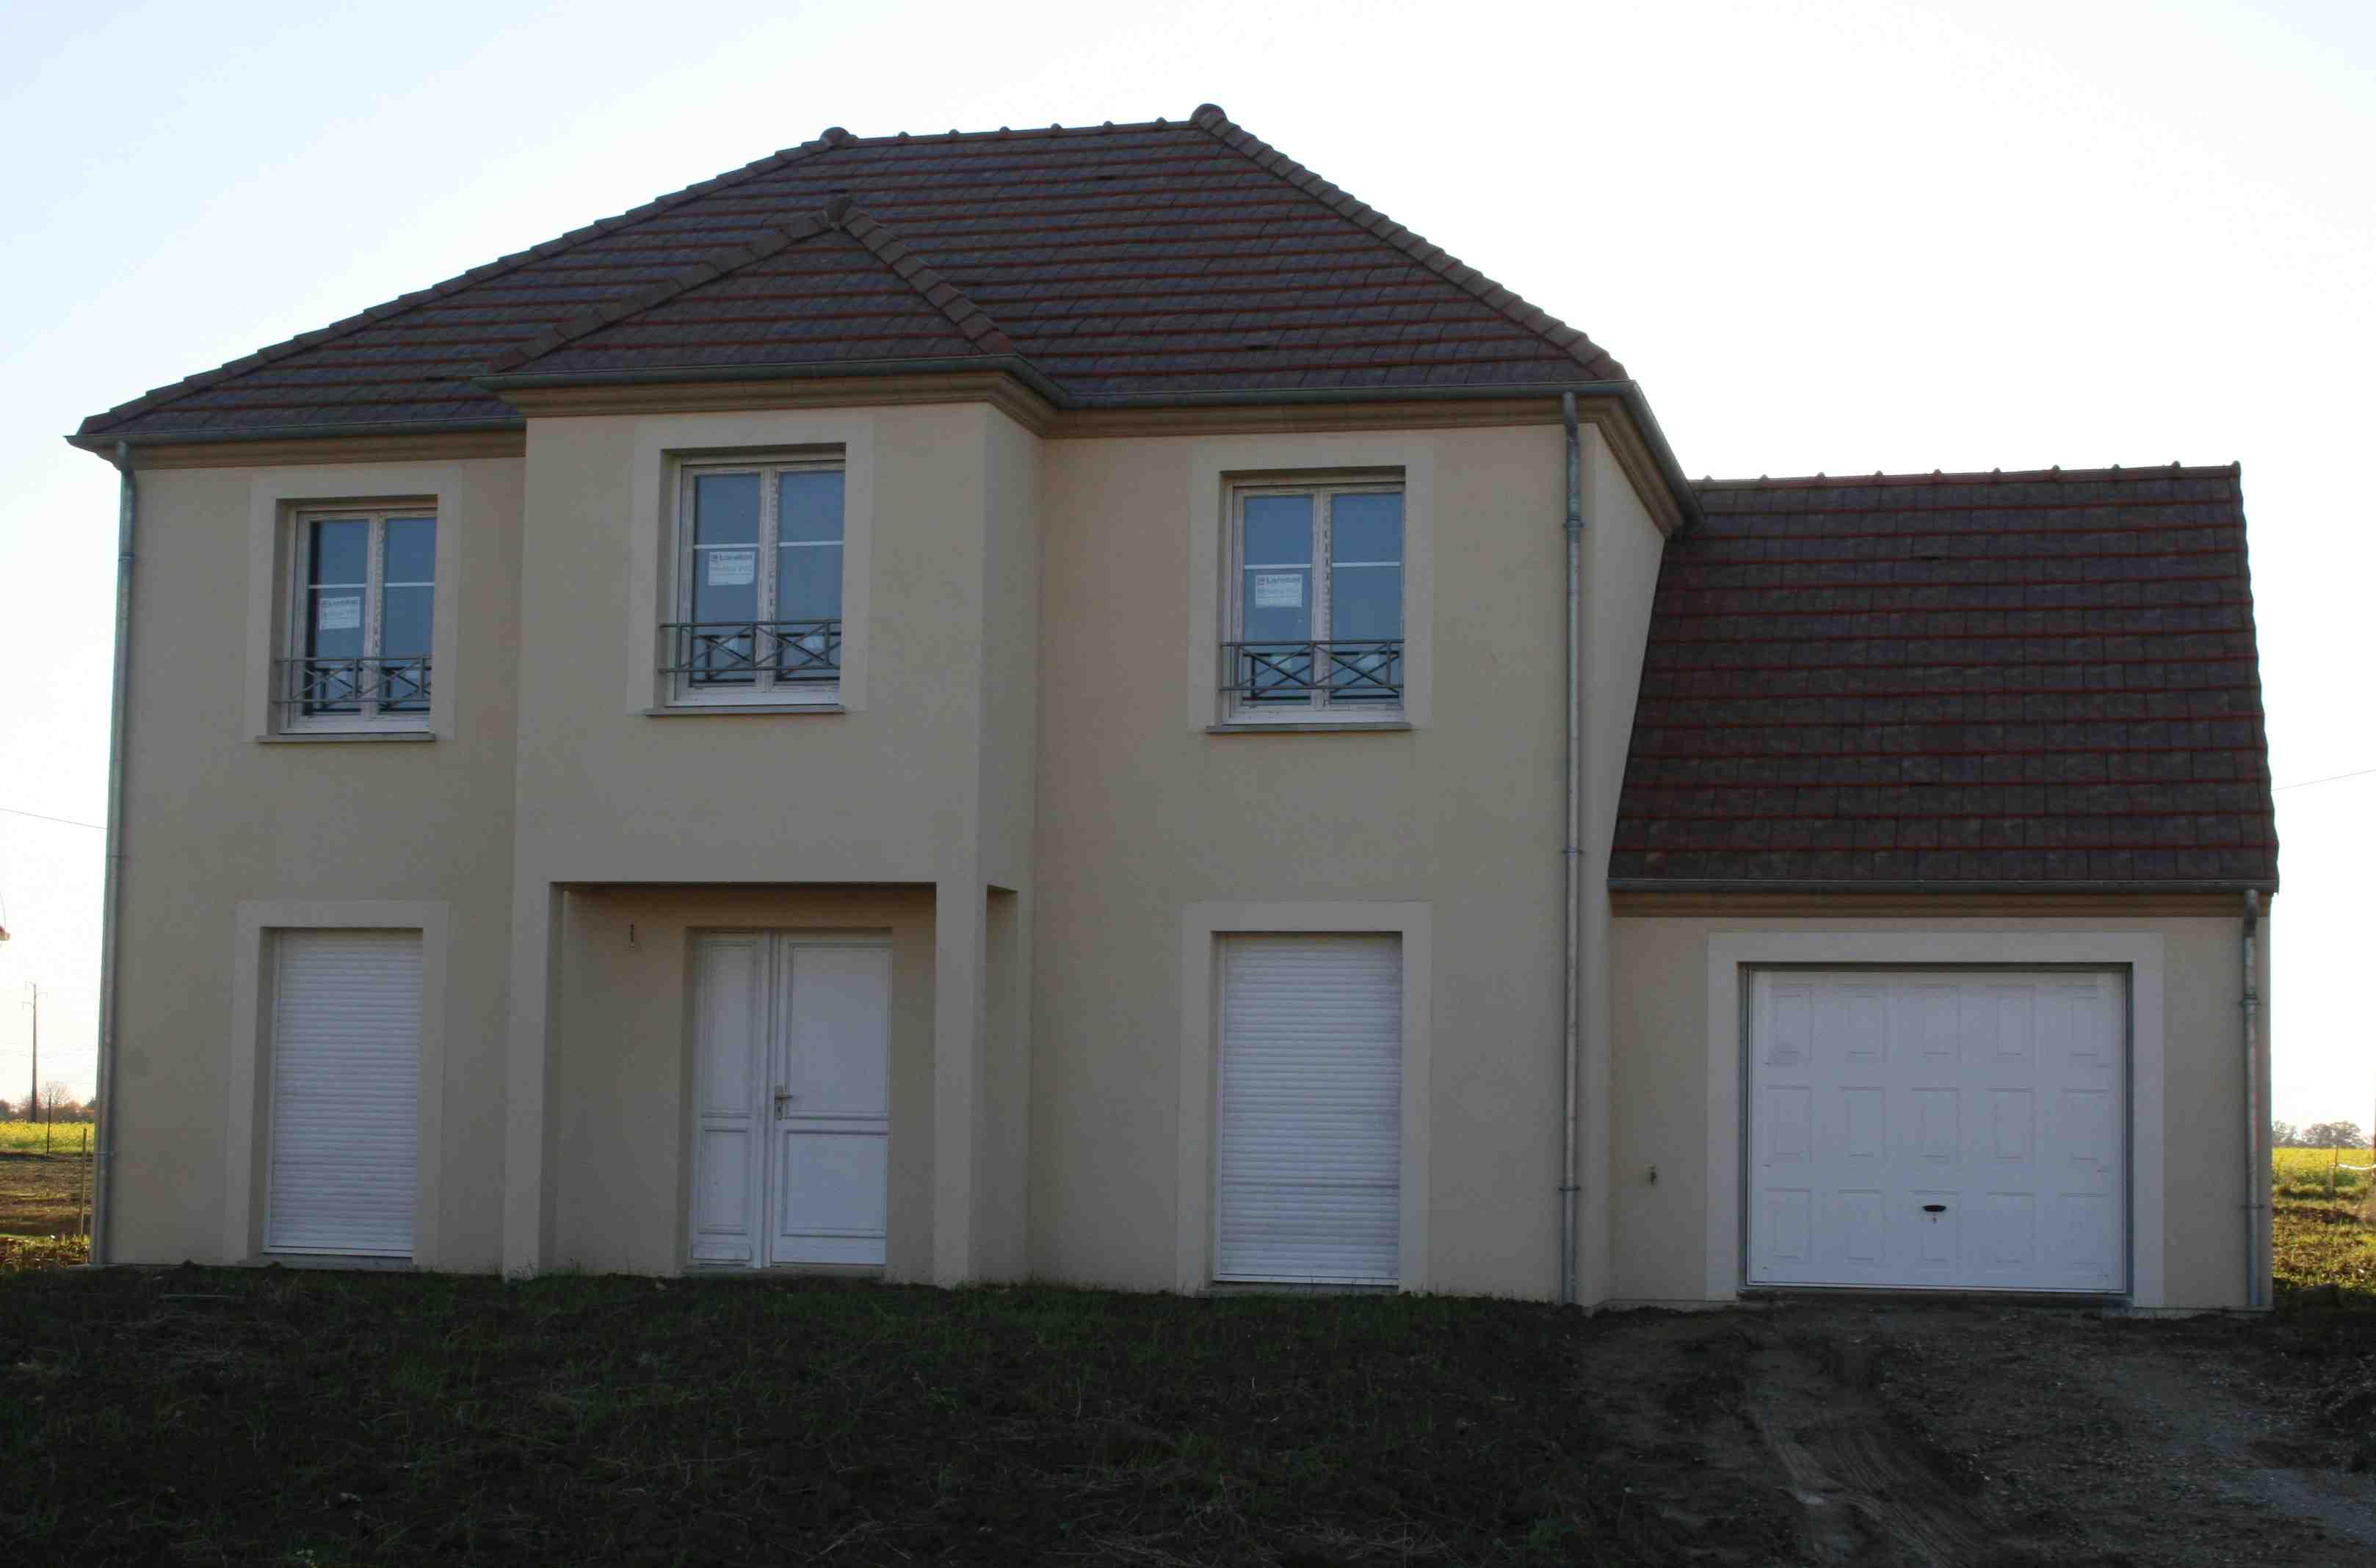 Immobilier maison neuve a vendre normandie for Immobilier maison neuve